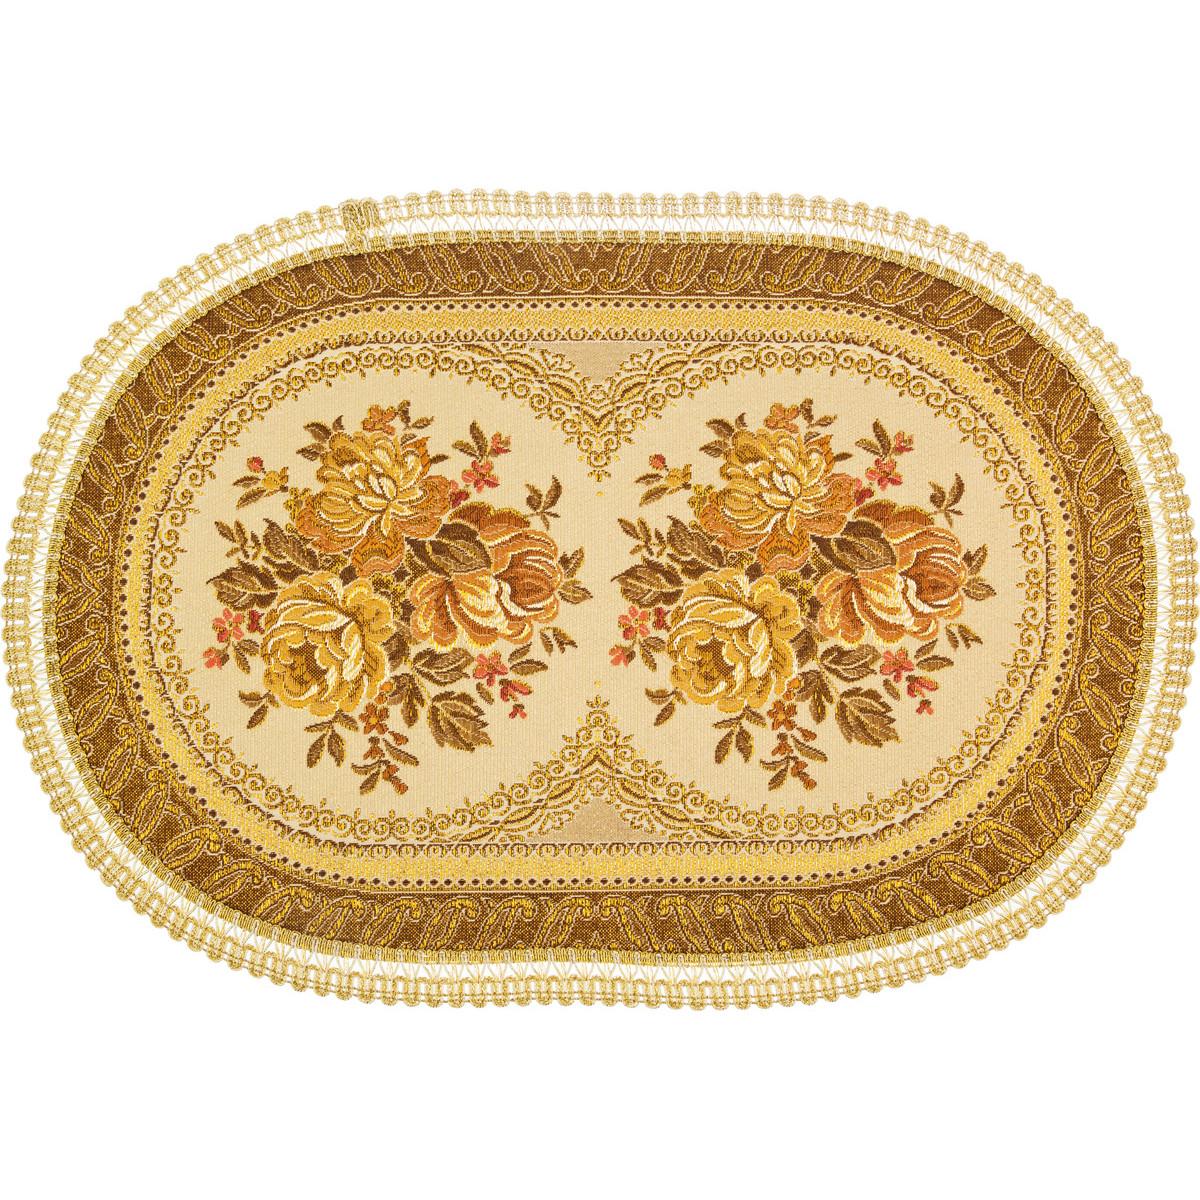 Скатерти и салфетки Lefard Салфетки Jaden  (32х48 см) салфетка декоративная lefard 48 32 см